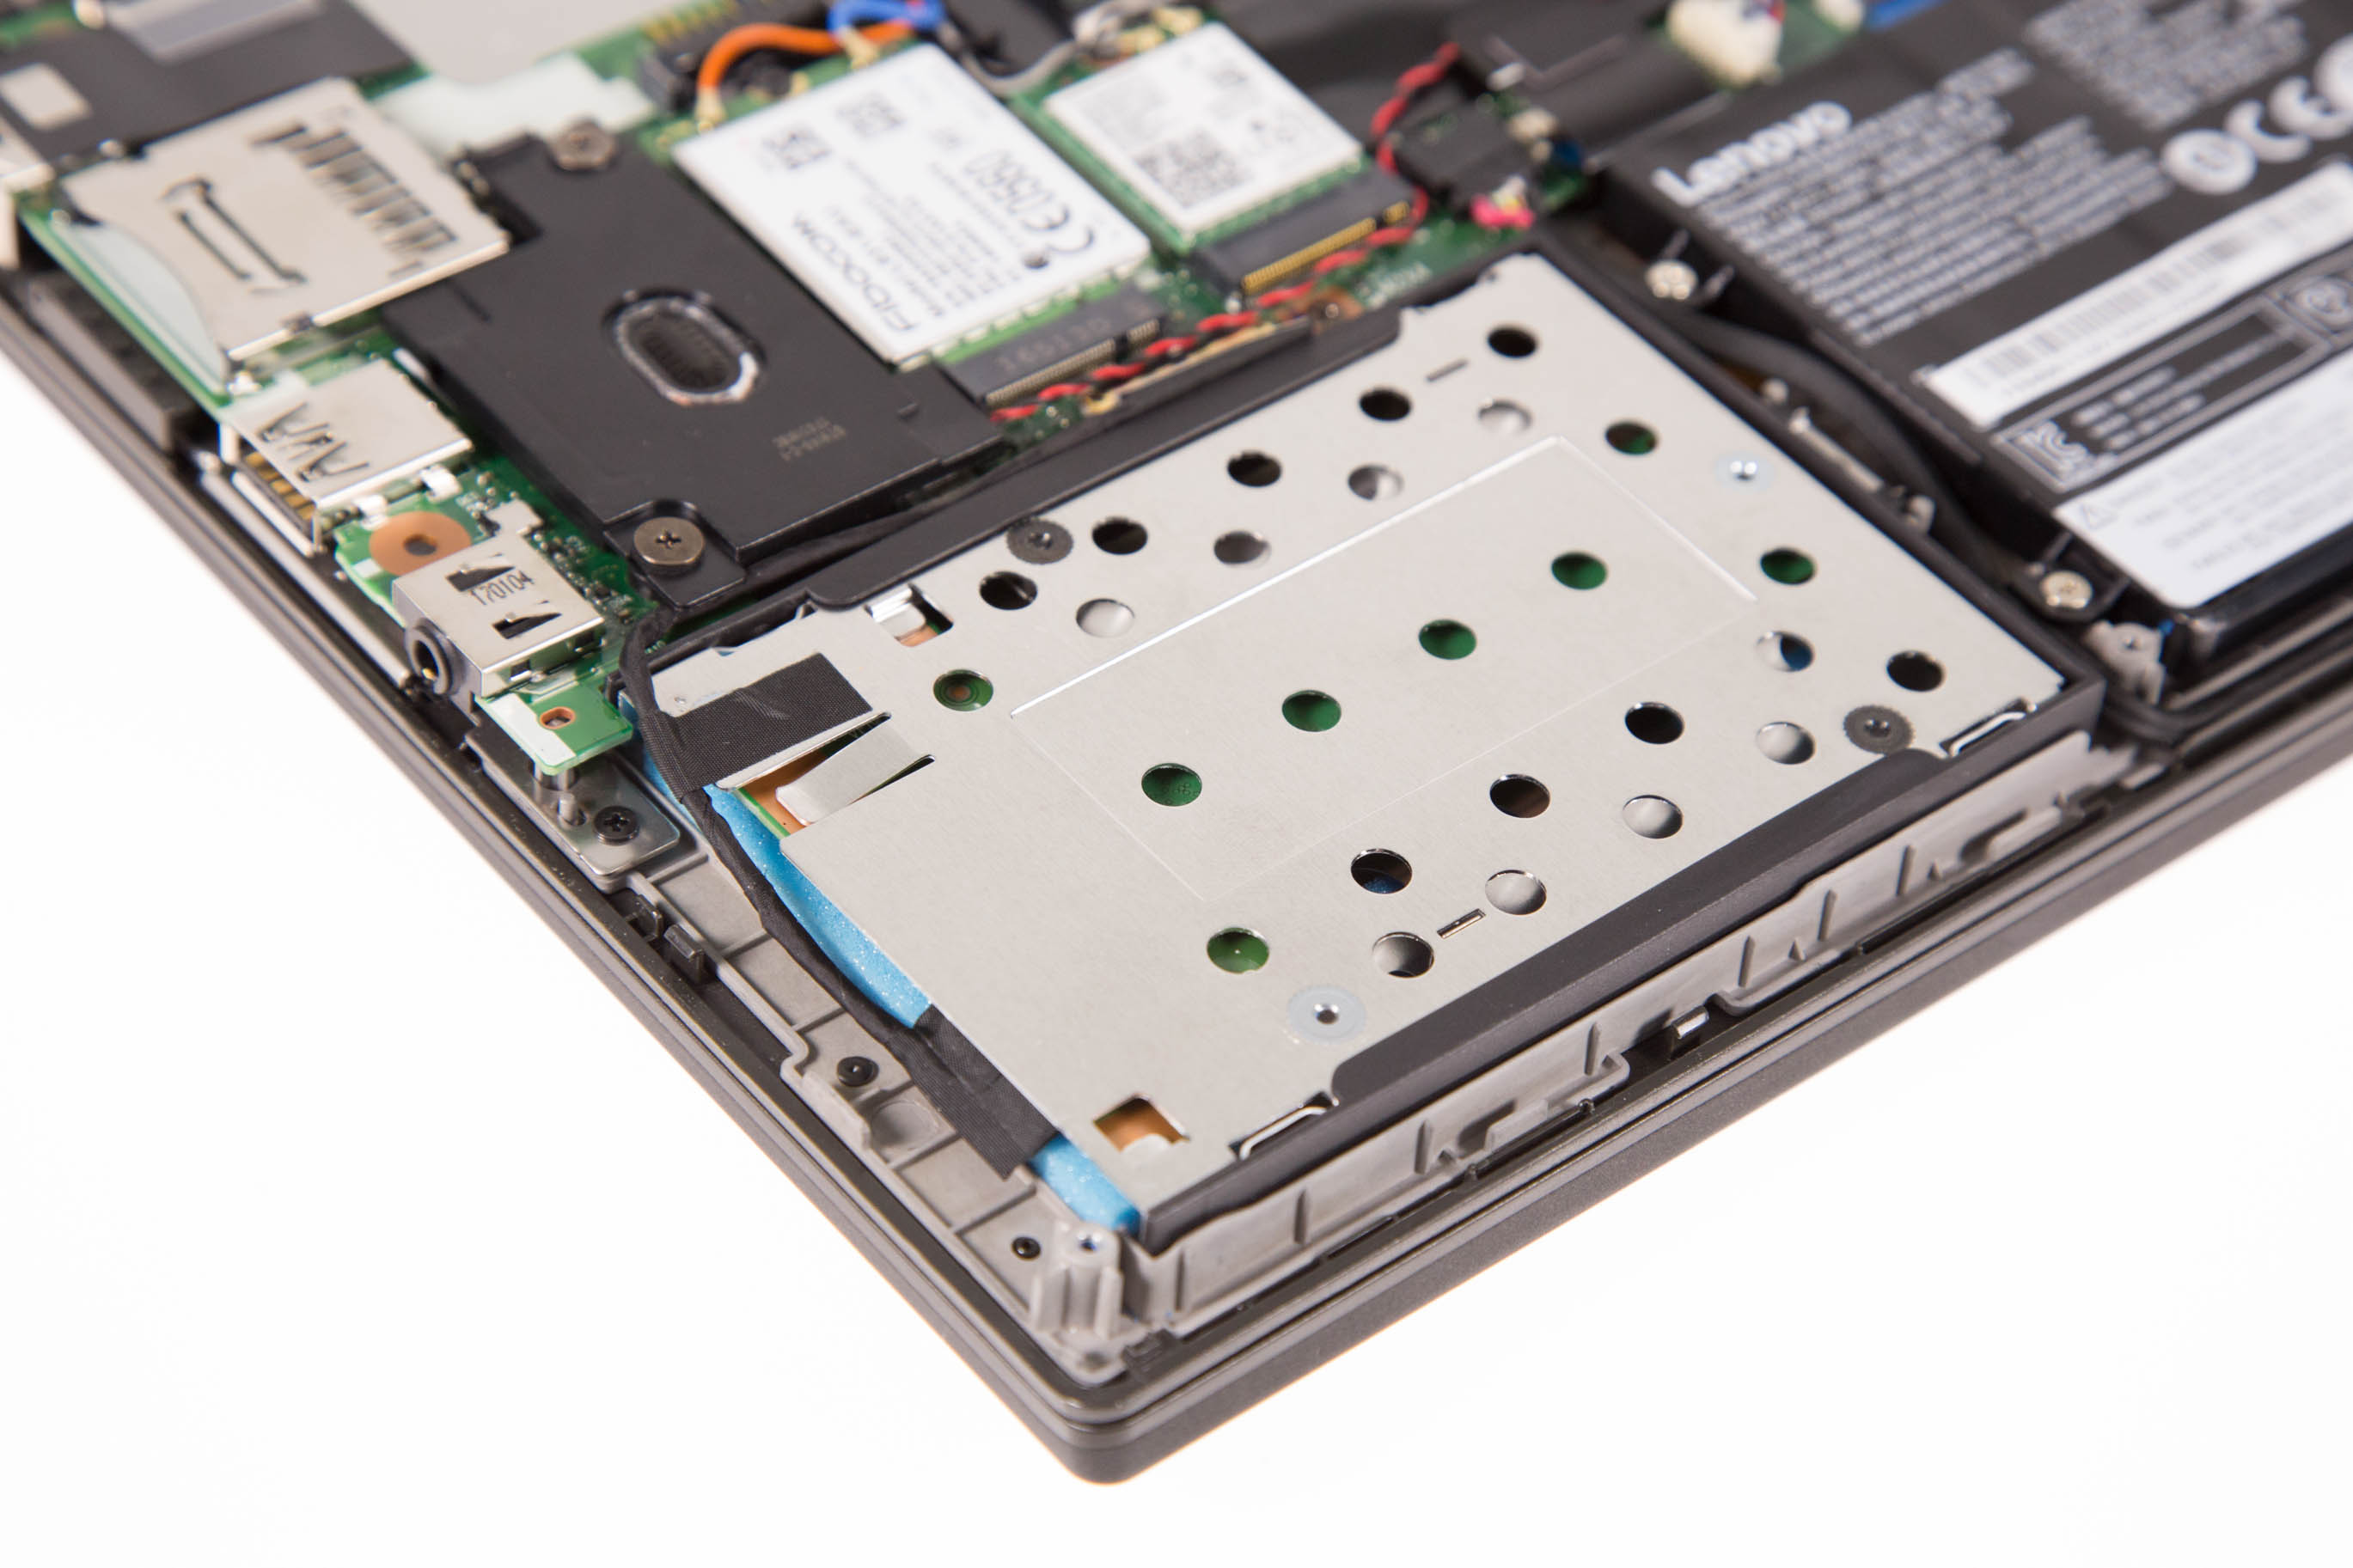 Thinkpad X270 im Test: Lenovos neuer alter Klassiker hat es immer noch drauf - Der 2,5-Zoll-Schacht nimmt viel Platz ein. (Bild: Martin Wolf/Golem.de)